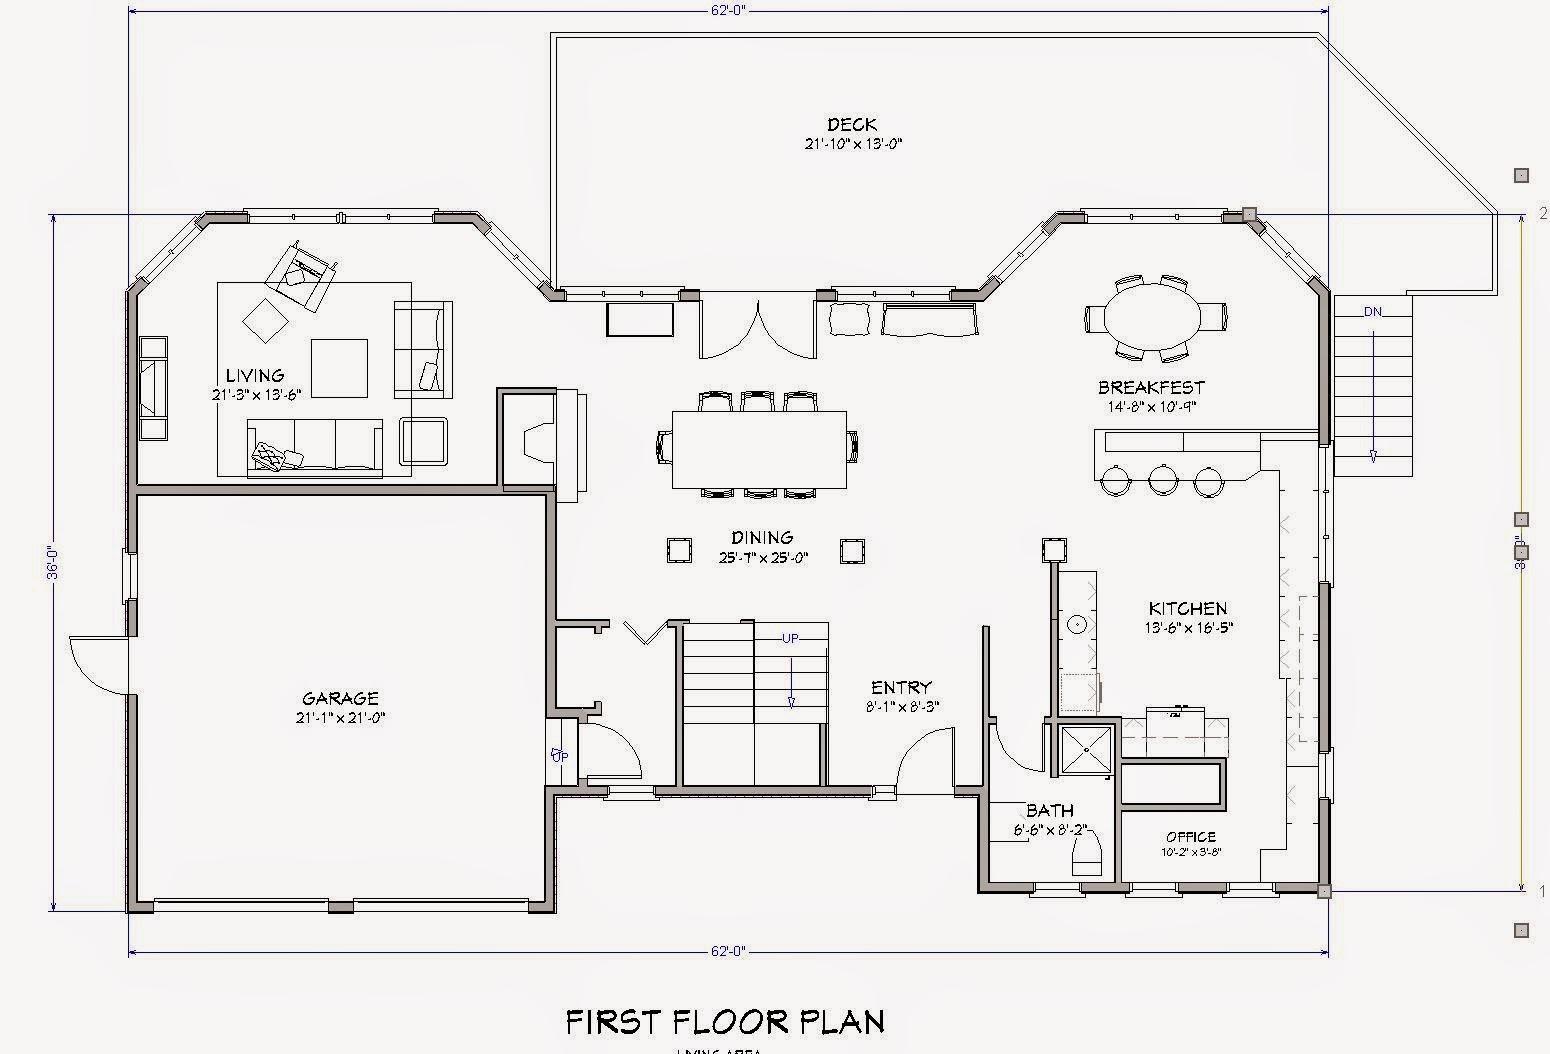 Dibujo tecnico facil de hacer planos para una casa for Imagenes de planos de casas